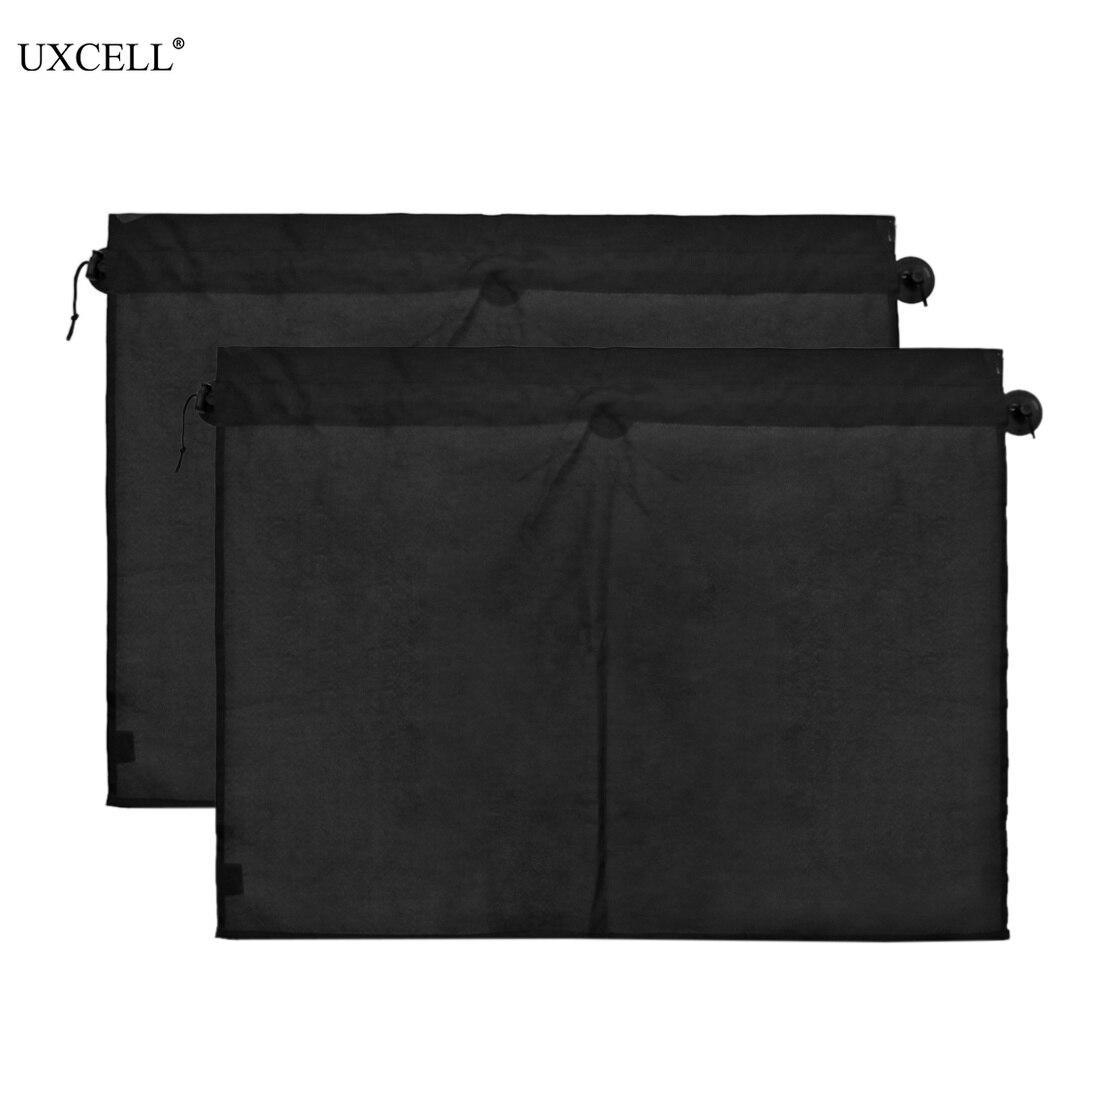 Uxcell 2 шт. 70x53 см Автомобильная занавеска бокового окна солнцезащитные очки Защита от солнца УФ ветровое стекло крышка с всасыванием